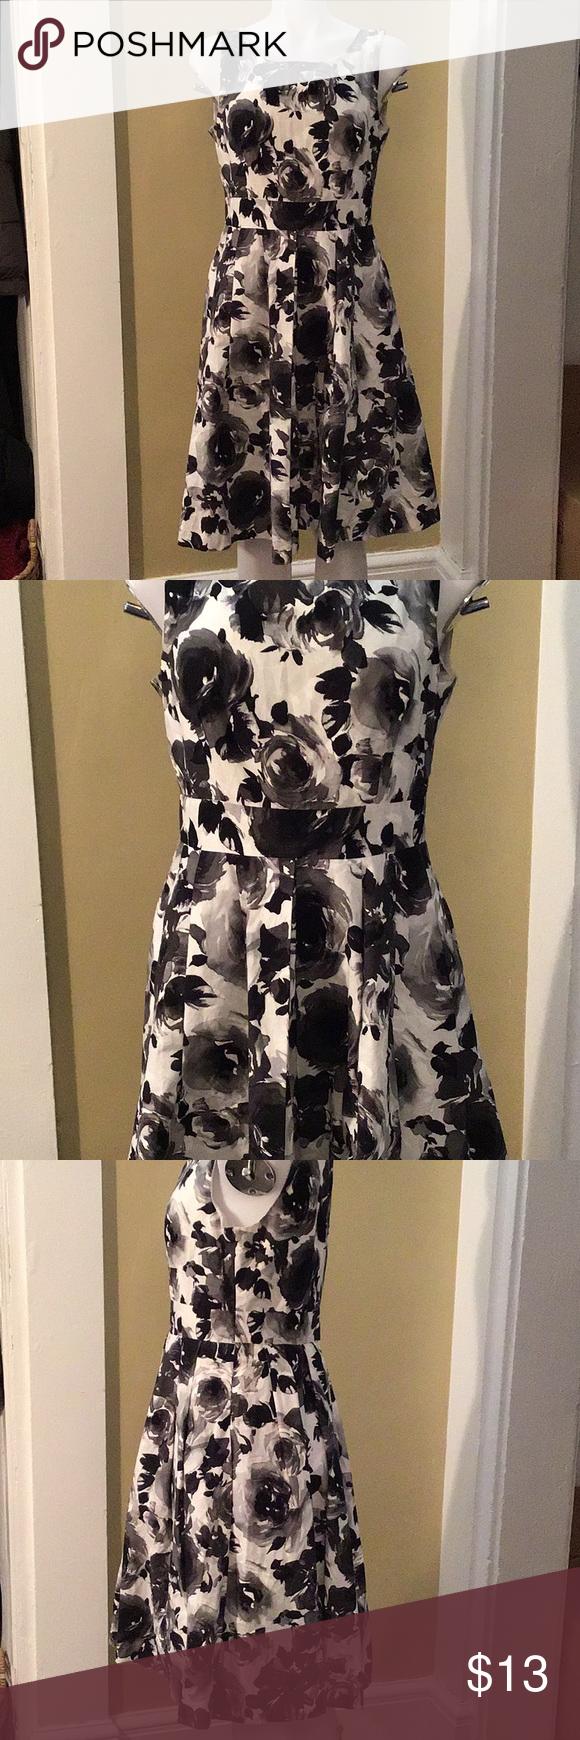 H M Dress Hm Dress Dresses Clothes Design